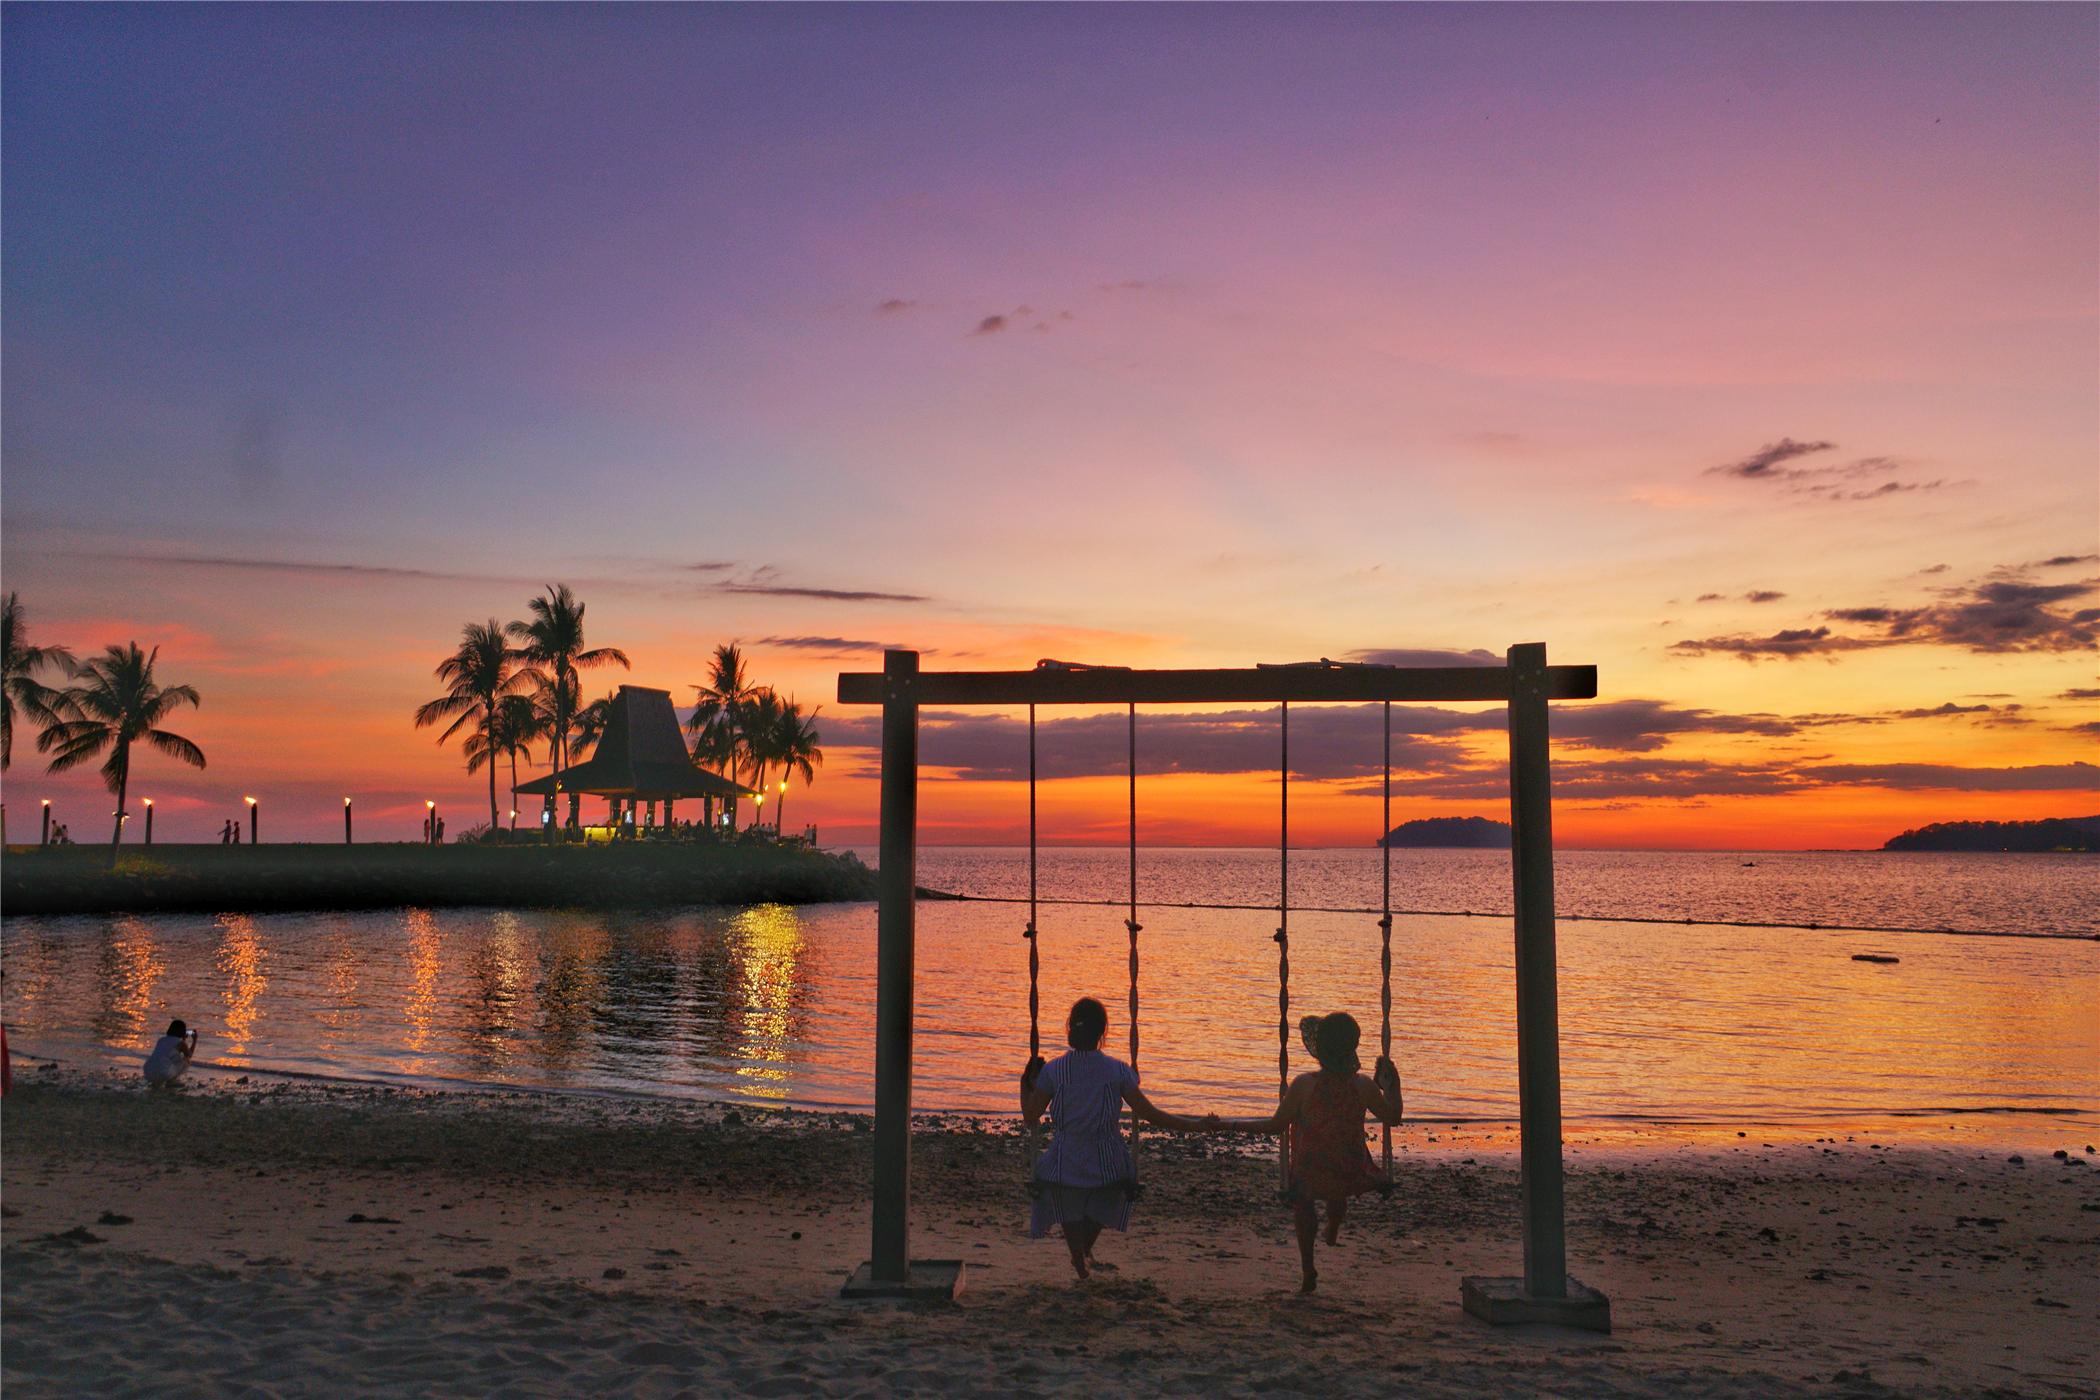 这里的丹绒亚路海滩日落,是全球最美的三大日落之一,椰子树在岸边的风